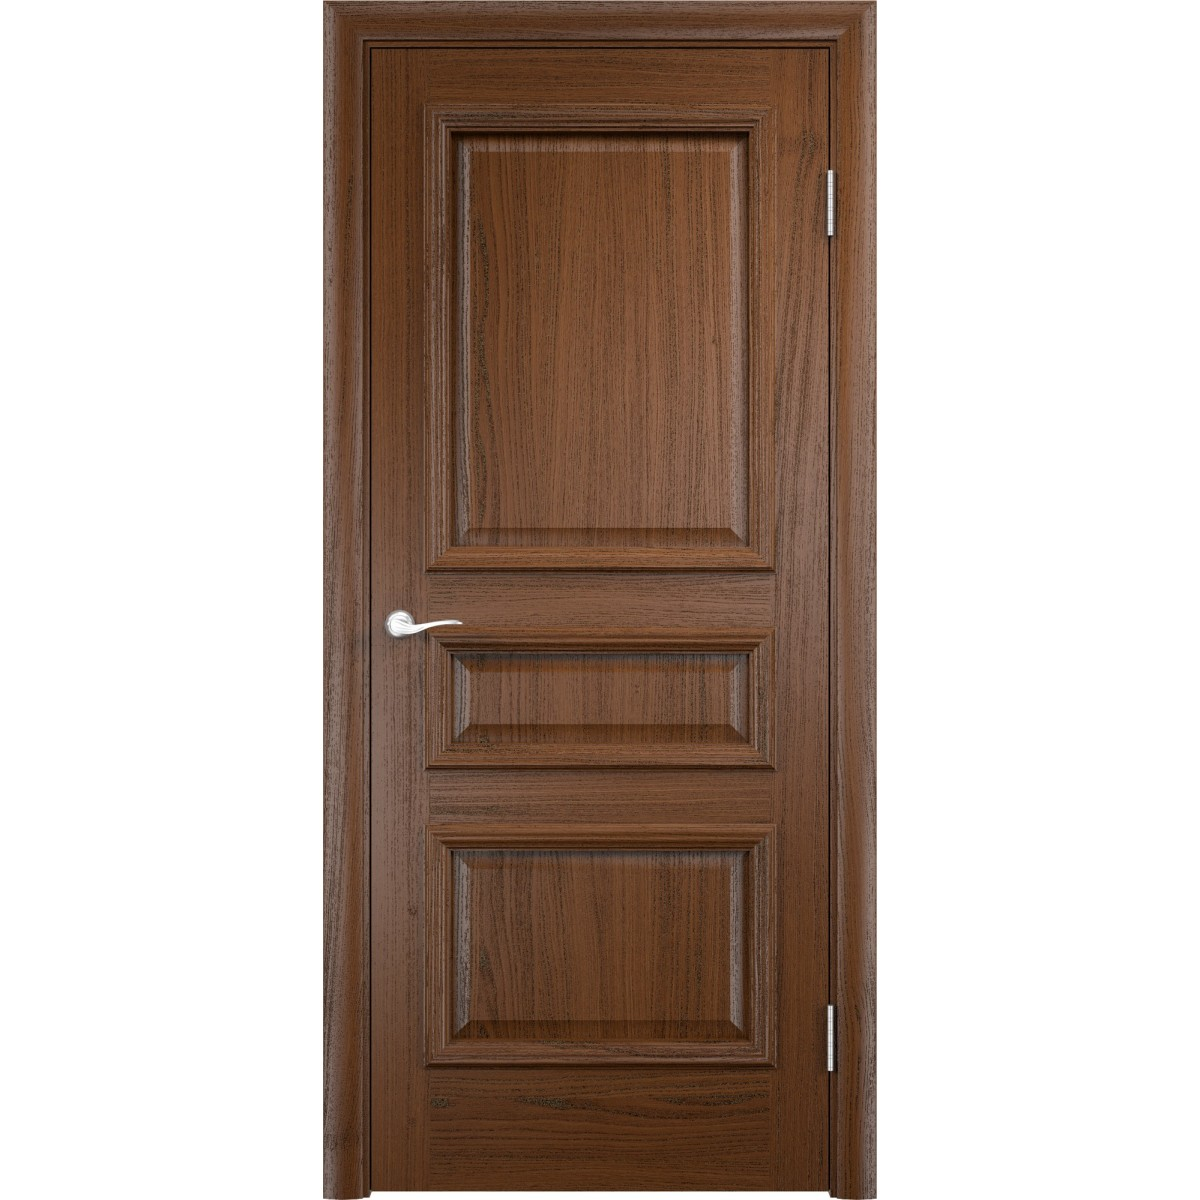 Дверь межкомнатная глухая Мадрид 60x200 см шпон цвет дуб тёмный с фурнитурой